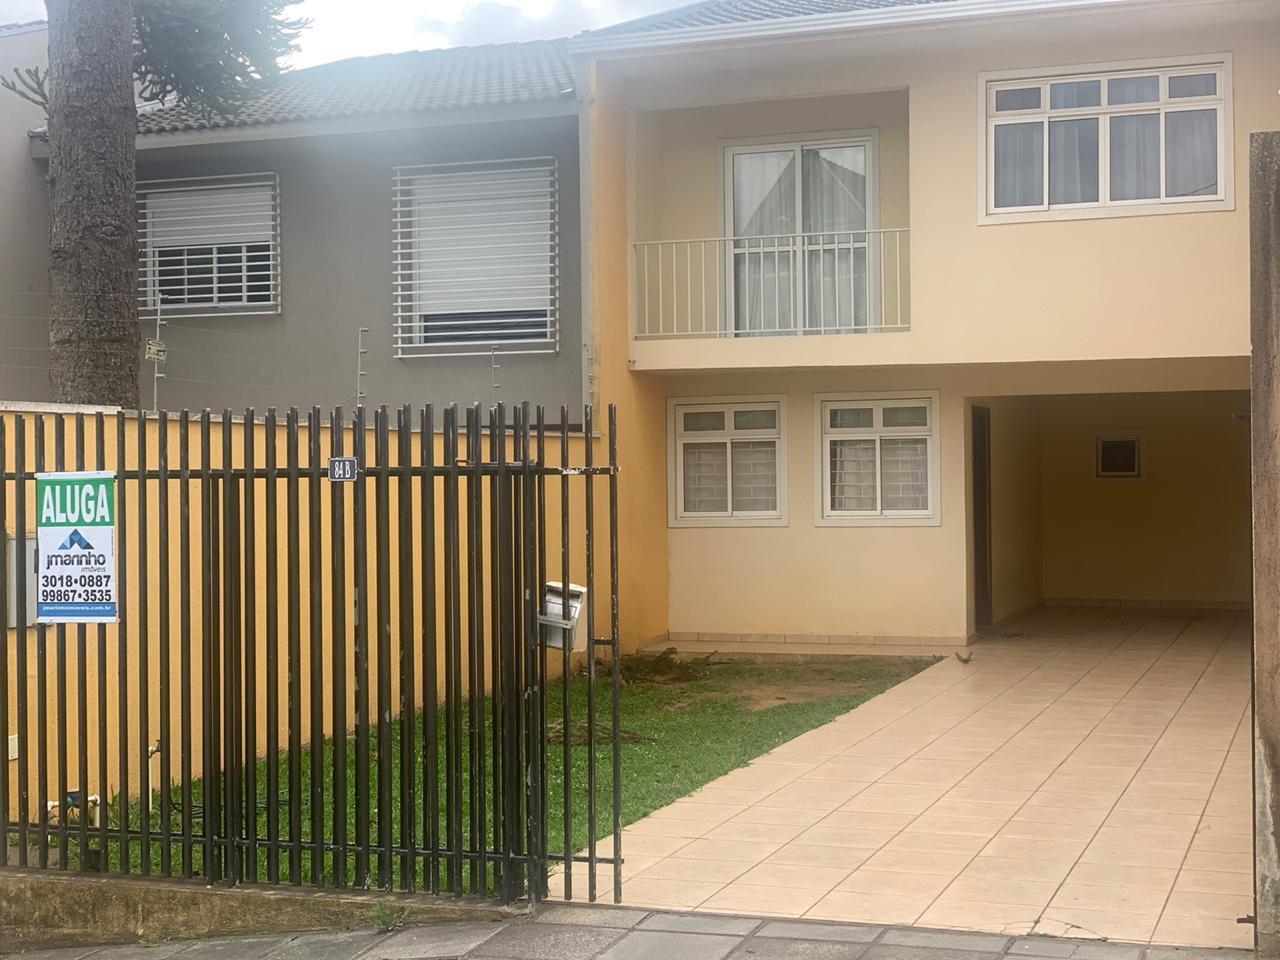 Sobrado 160m² 3 Dormitórios (Sendo 1 Suíte Com Sacada) 3 Vagas Boa Vista Ref. 8633